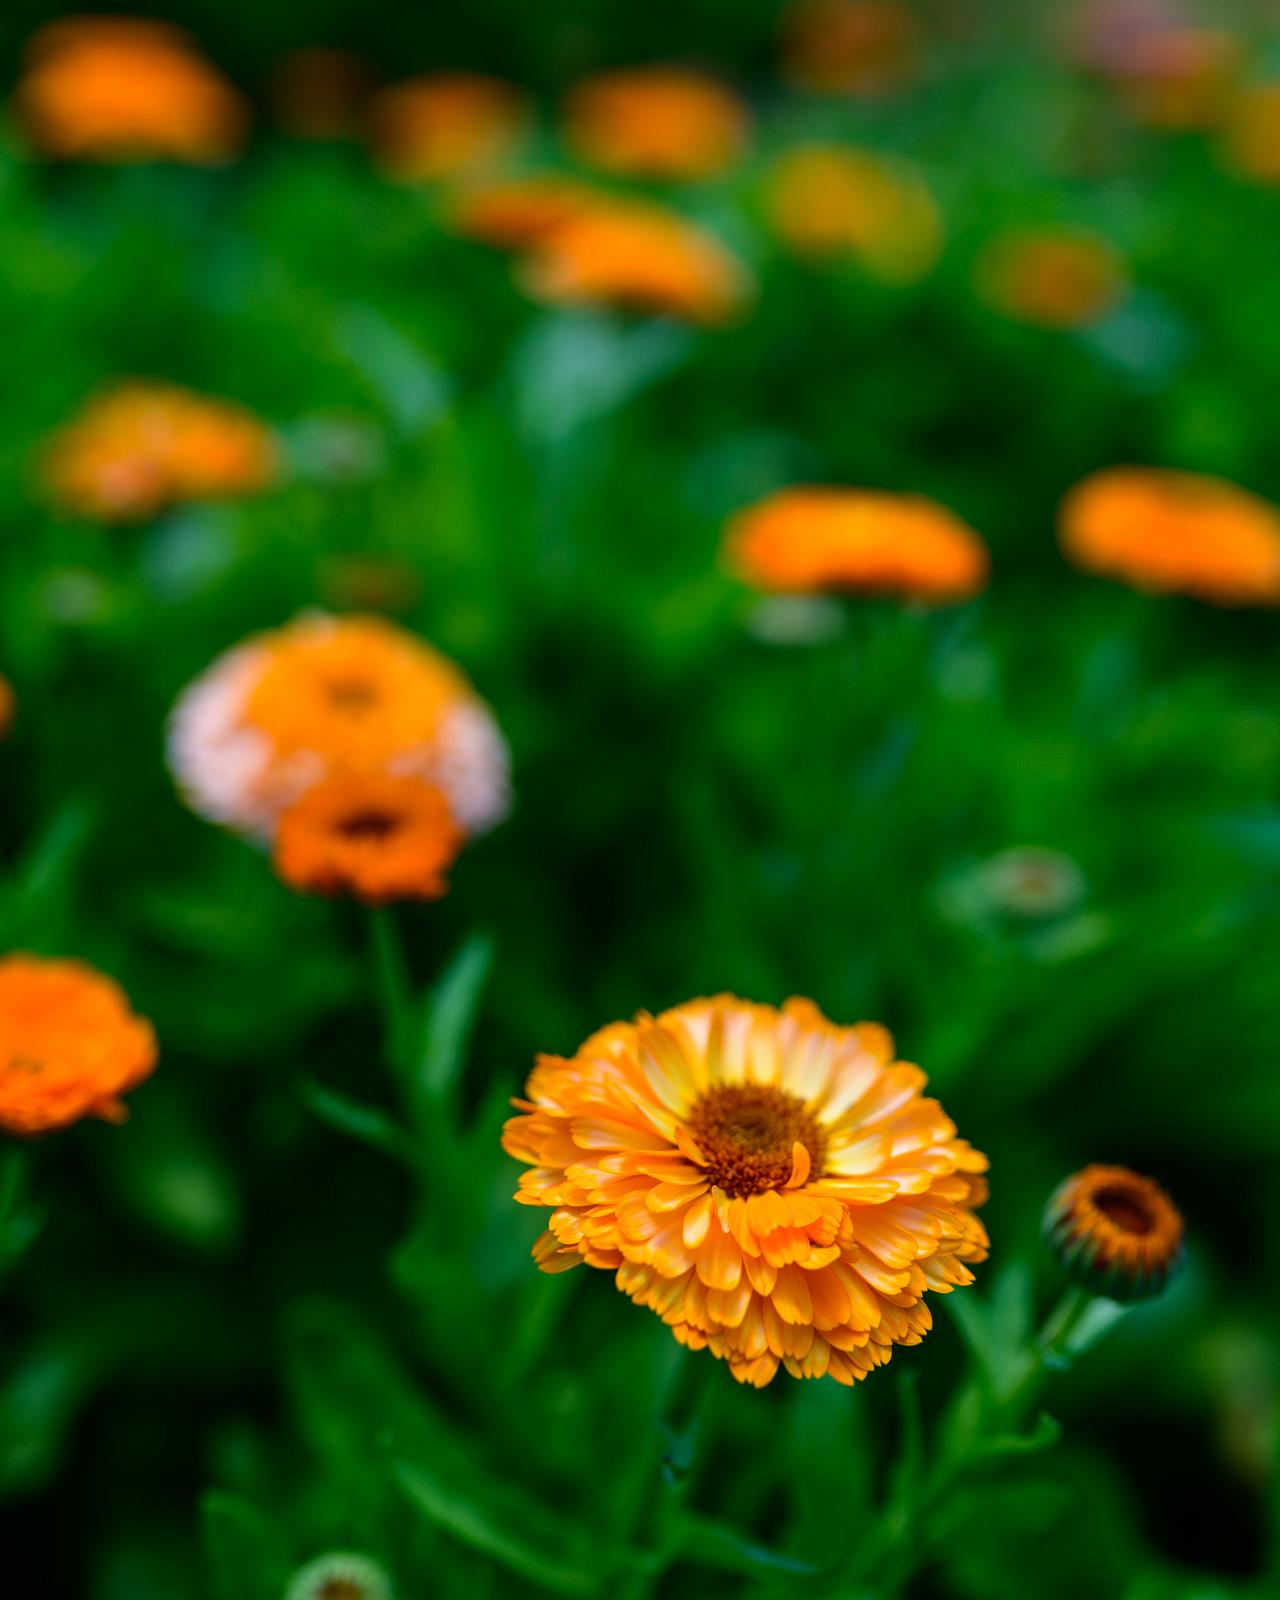 Flower Bloom_83.JPG